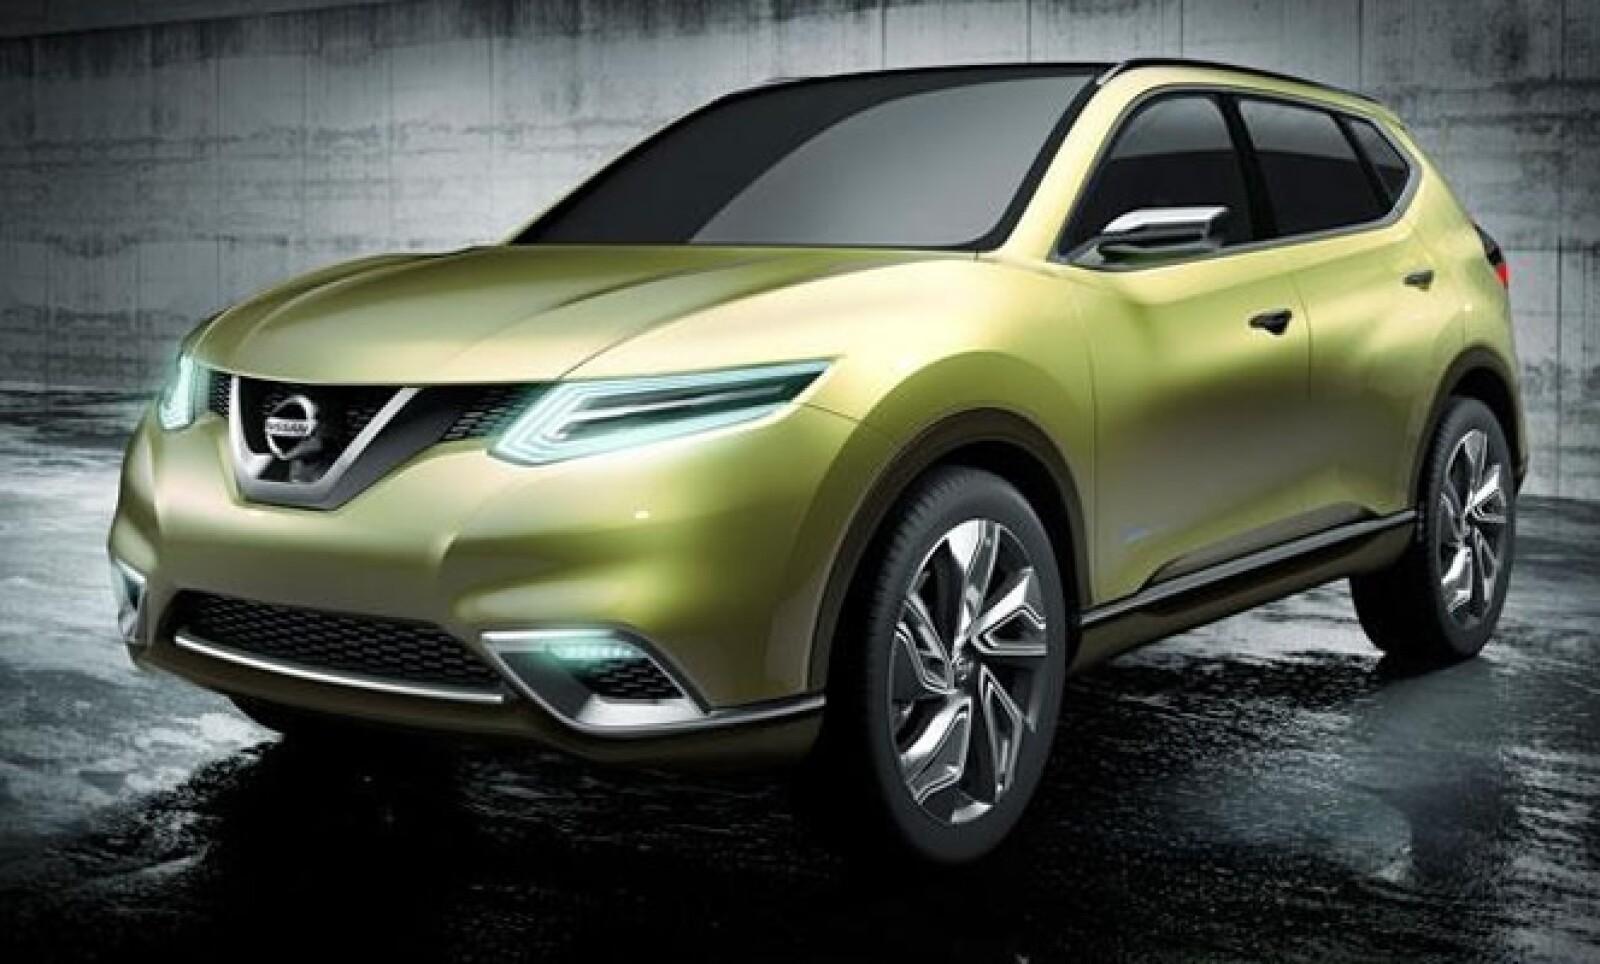 La casa japonesa se despachó con un prototipo de un SUV en el reciente AutoShow de Ginebra.